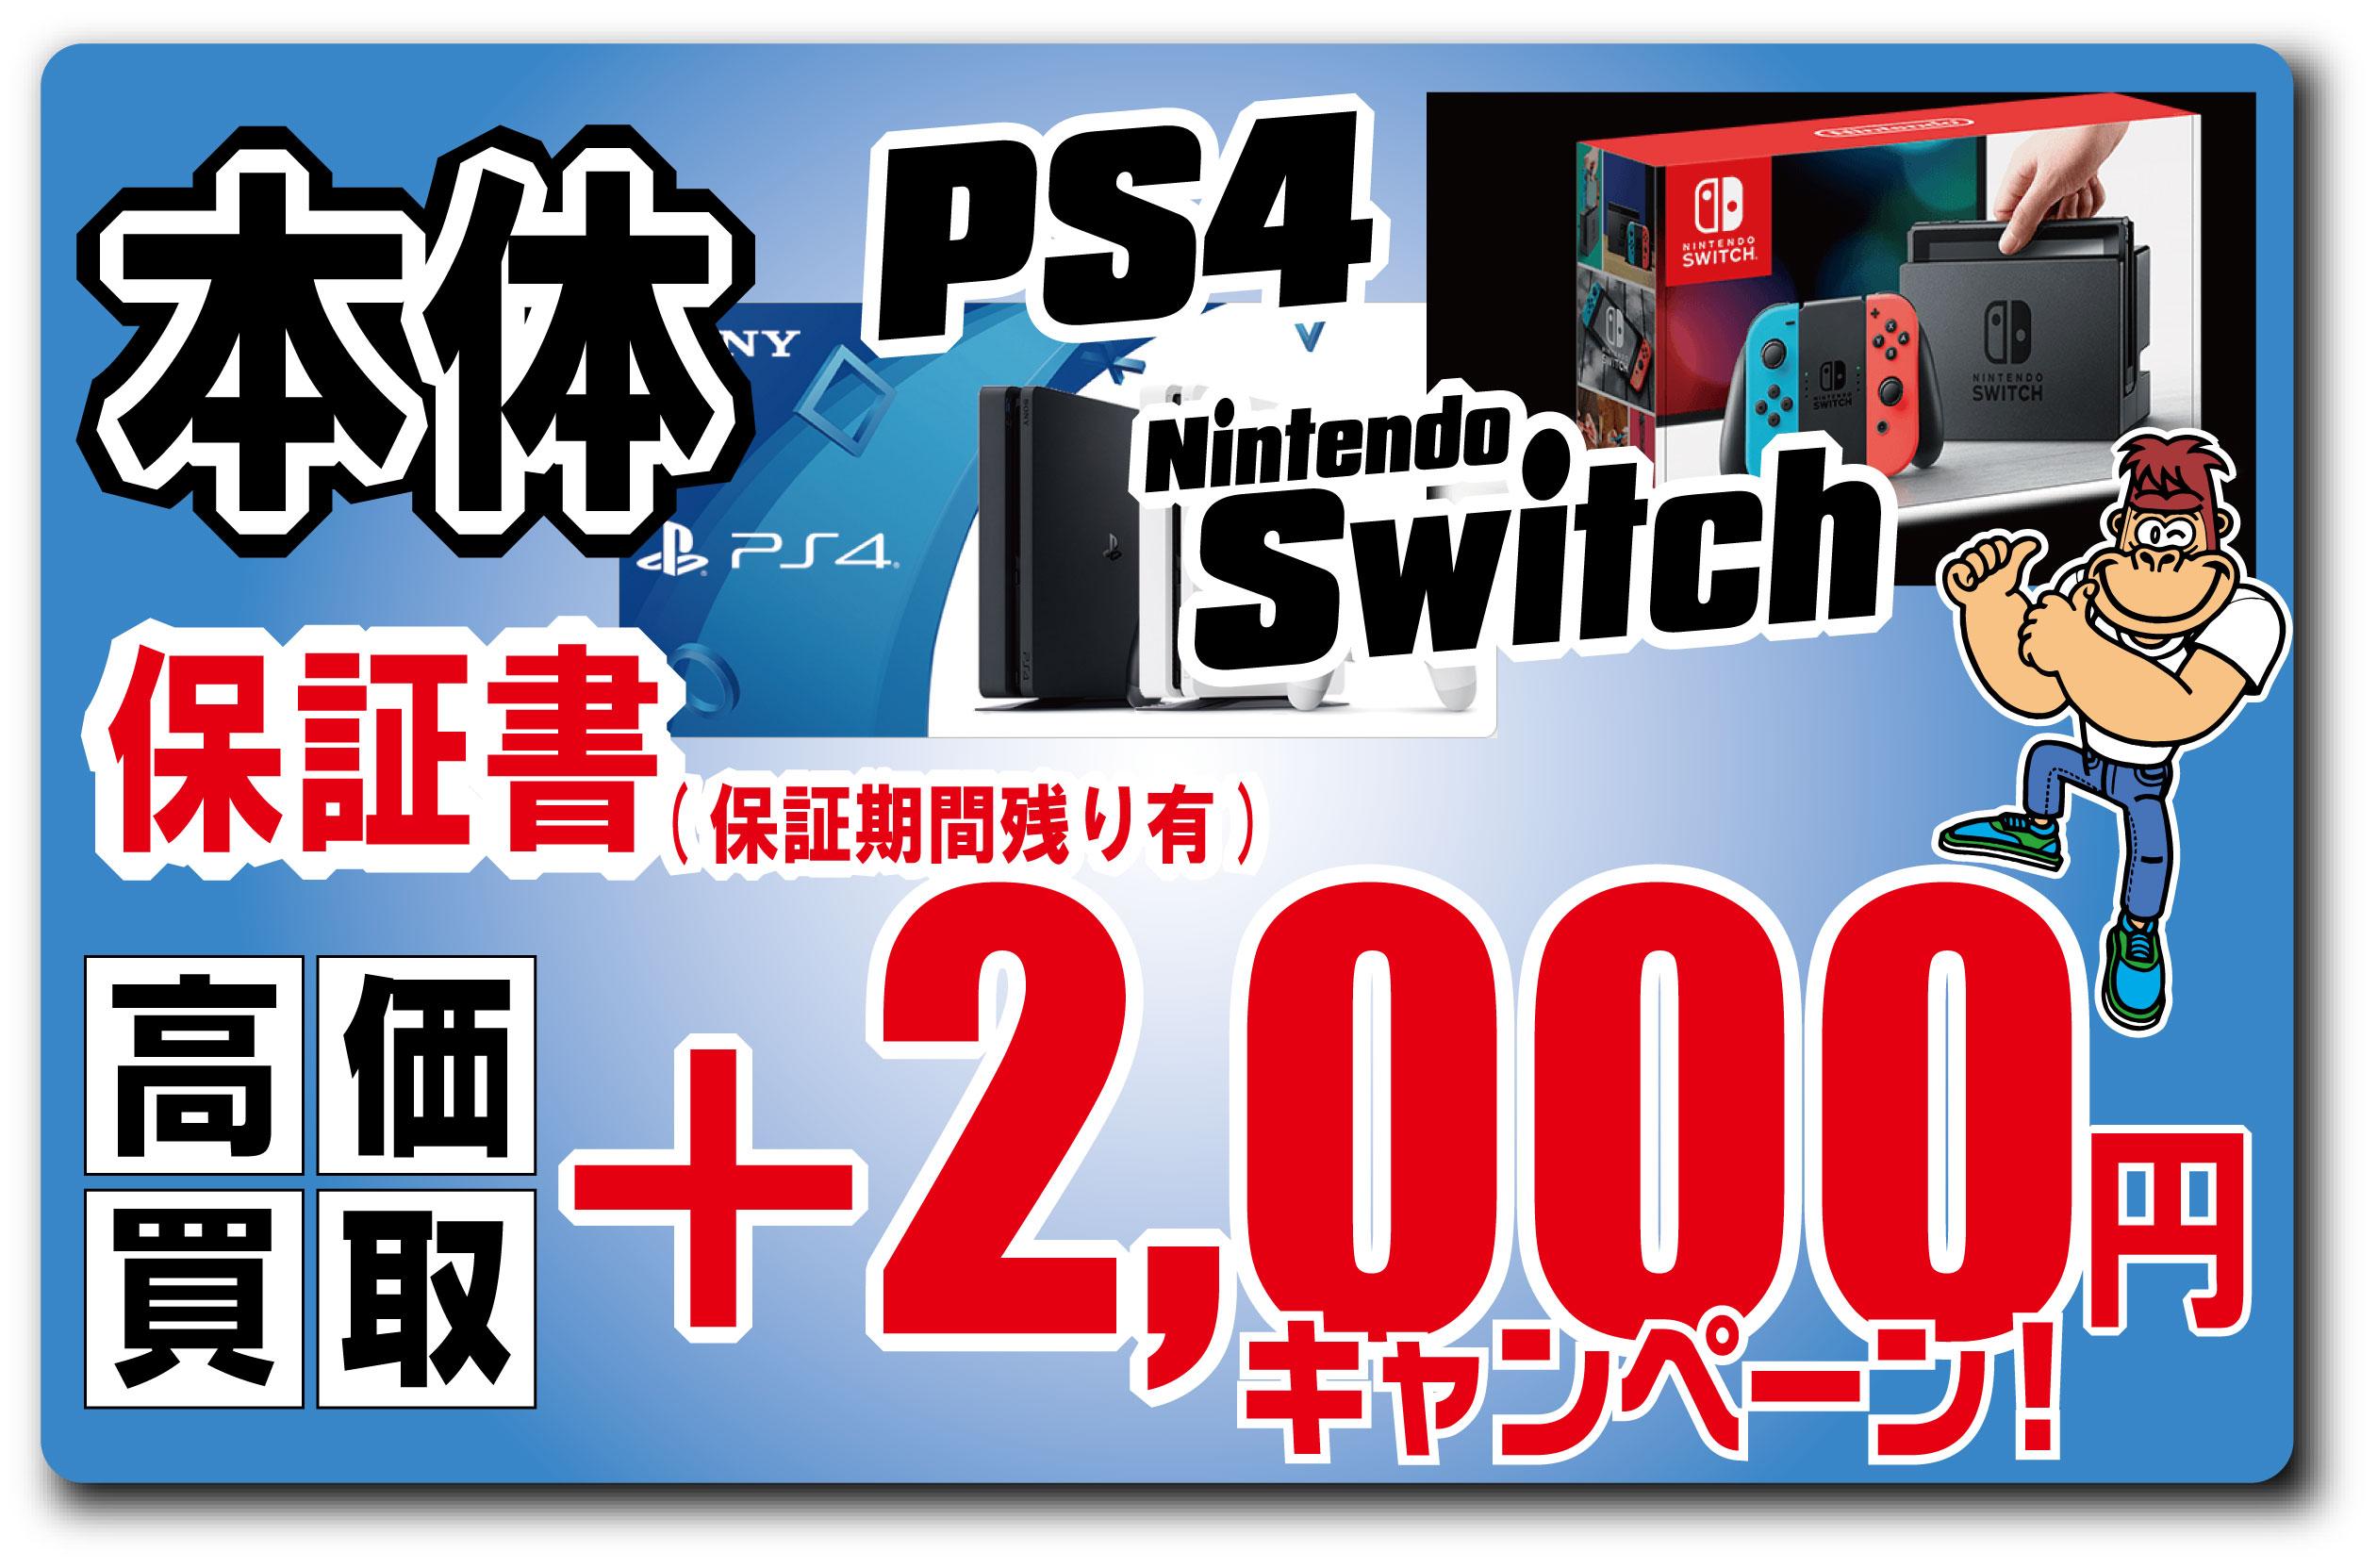 店頭買取限定【PS4&Switch本体 買取2000円プラス!】2019/8/31まで!